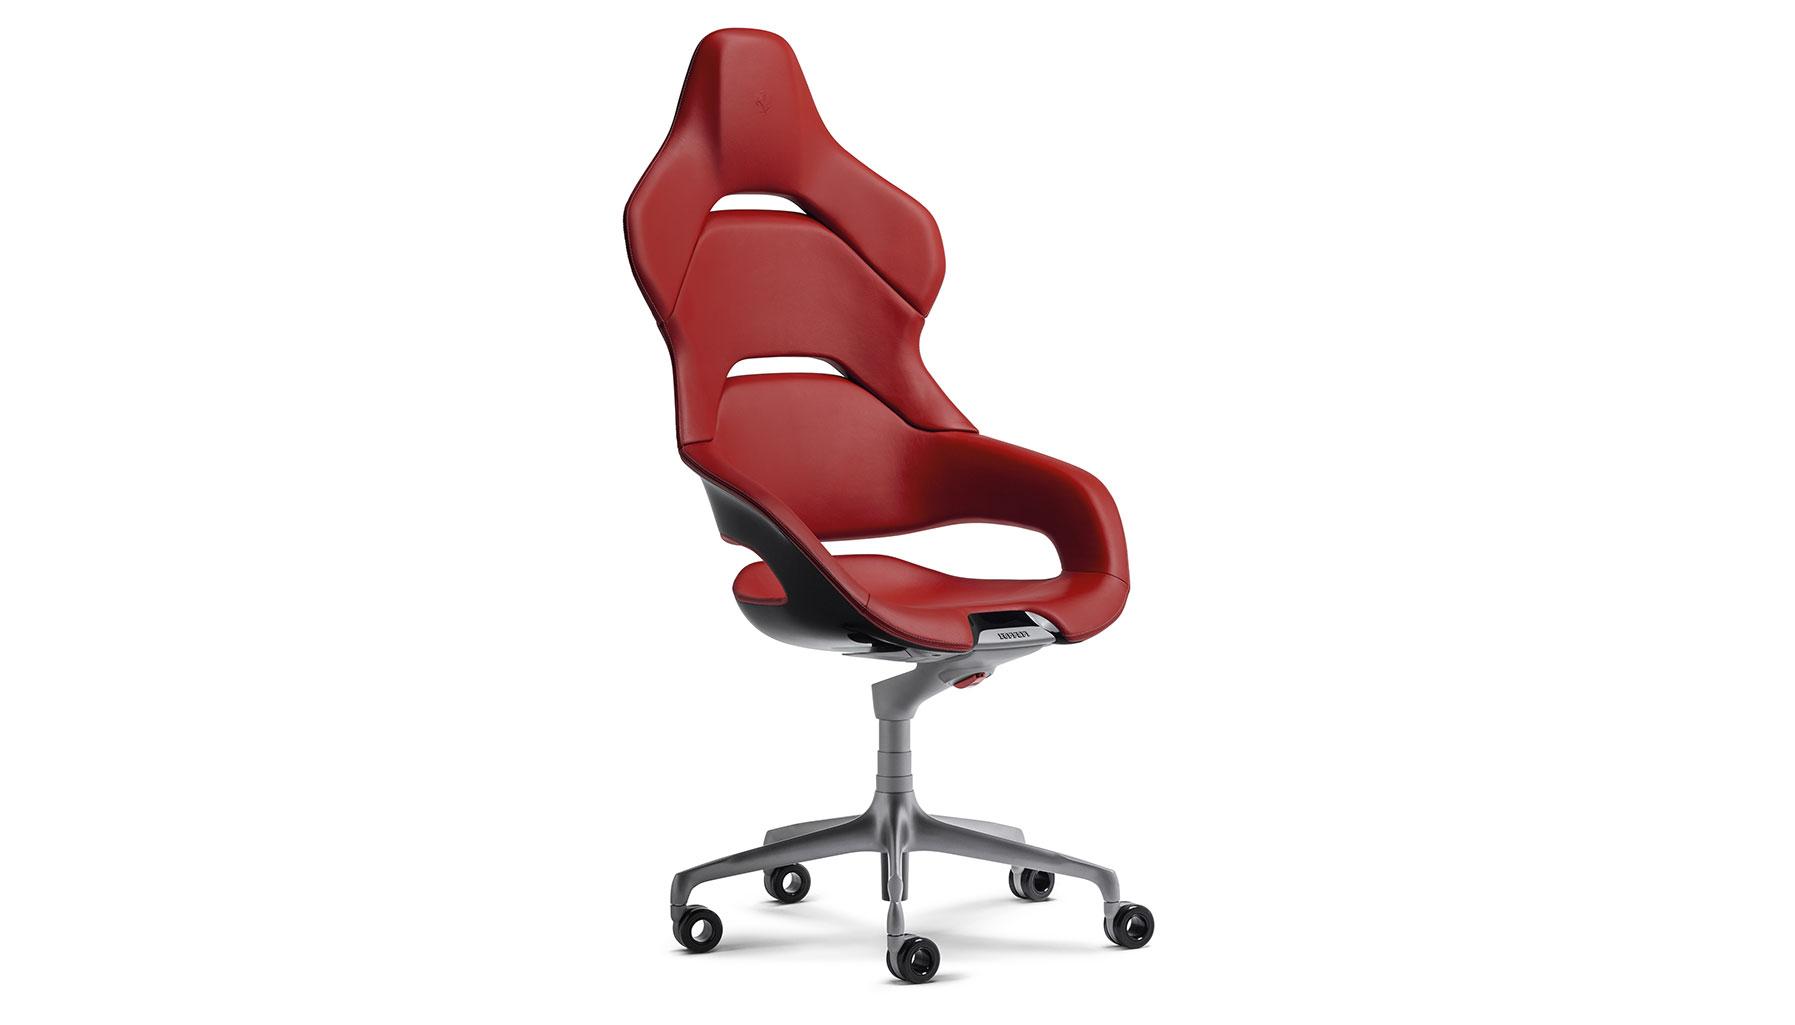 Poltrono Frau X Ferrari chair